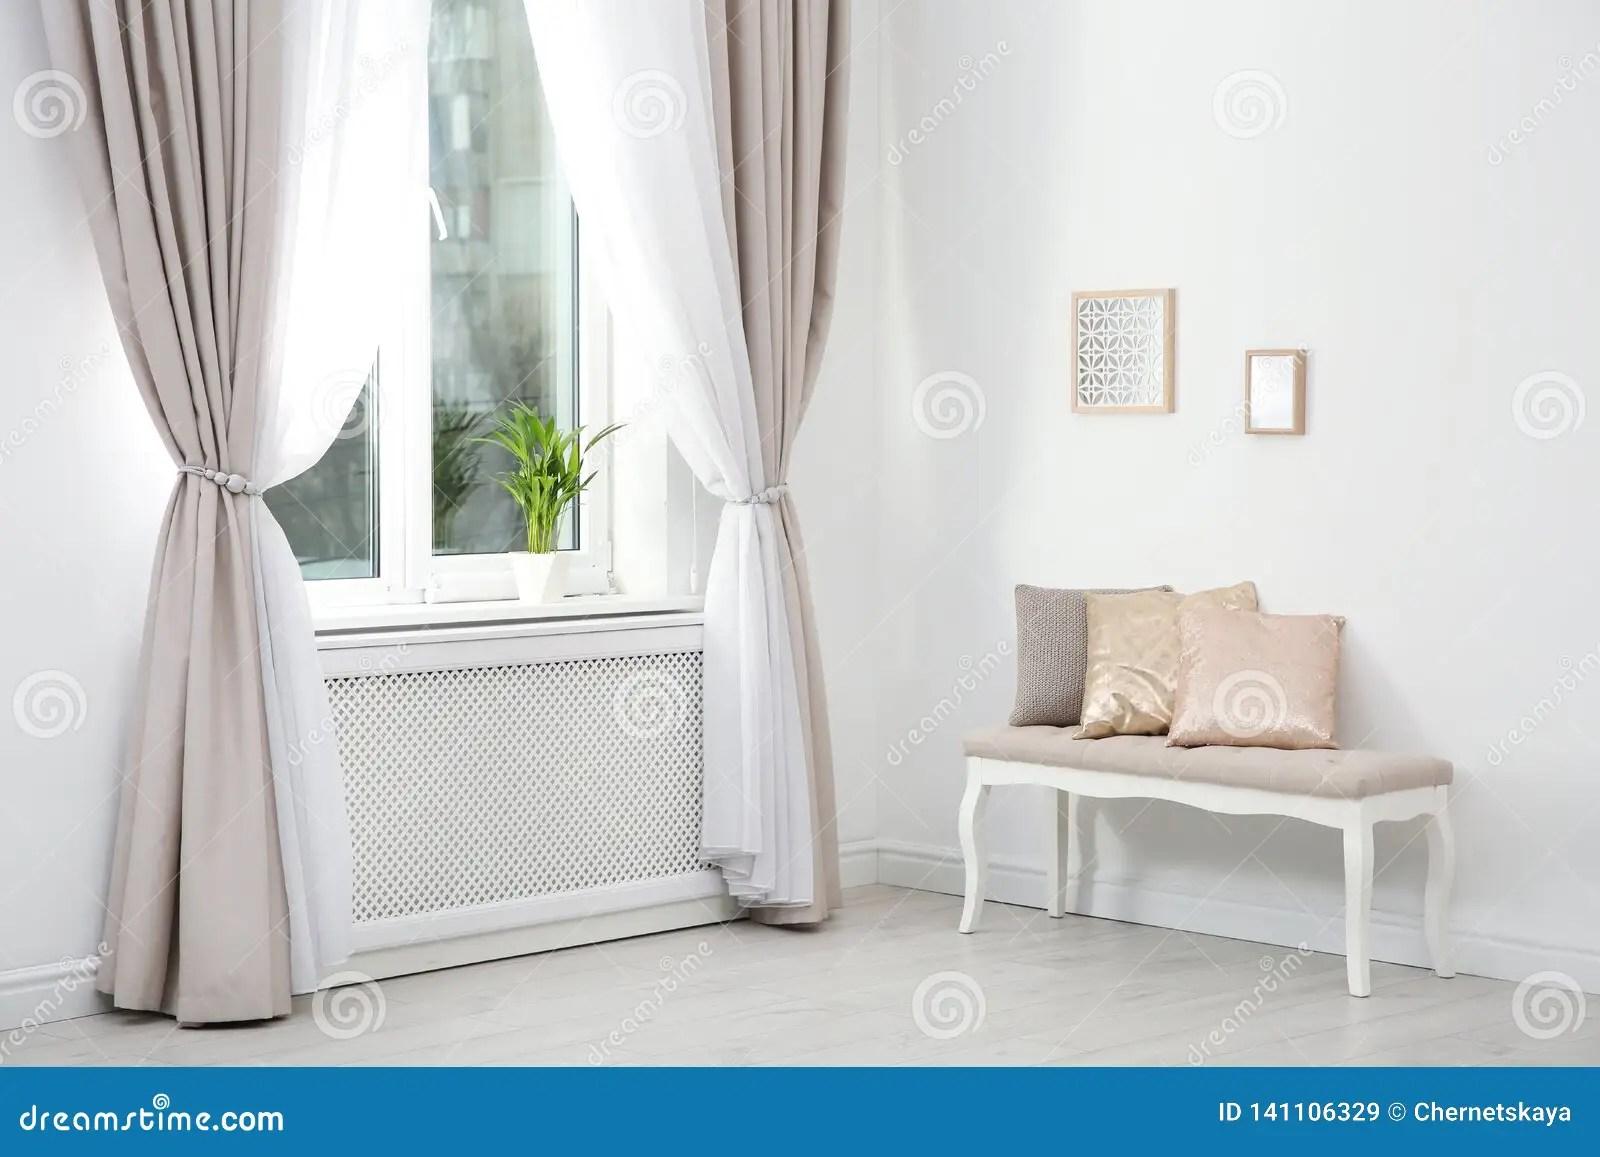 rideaux dans la chambre image stock